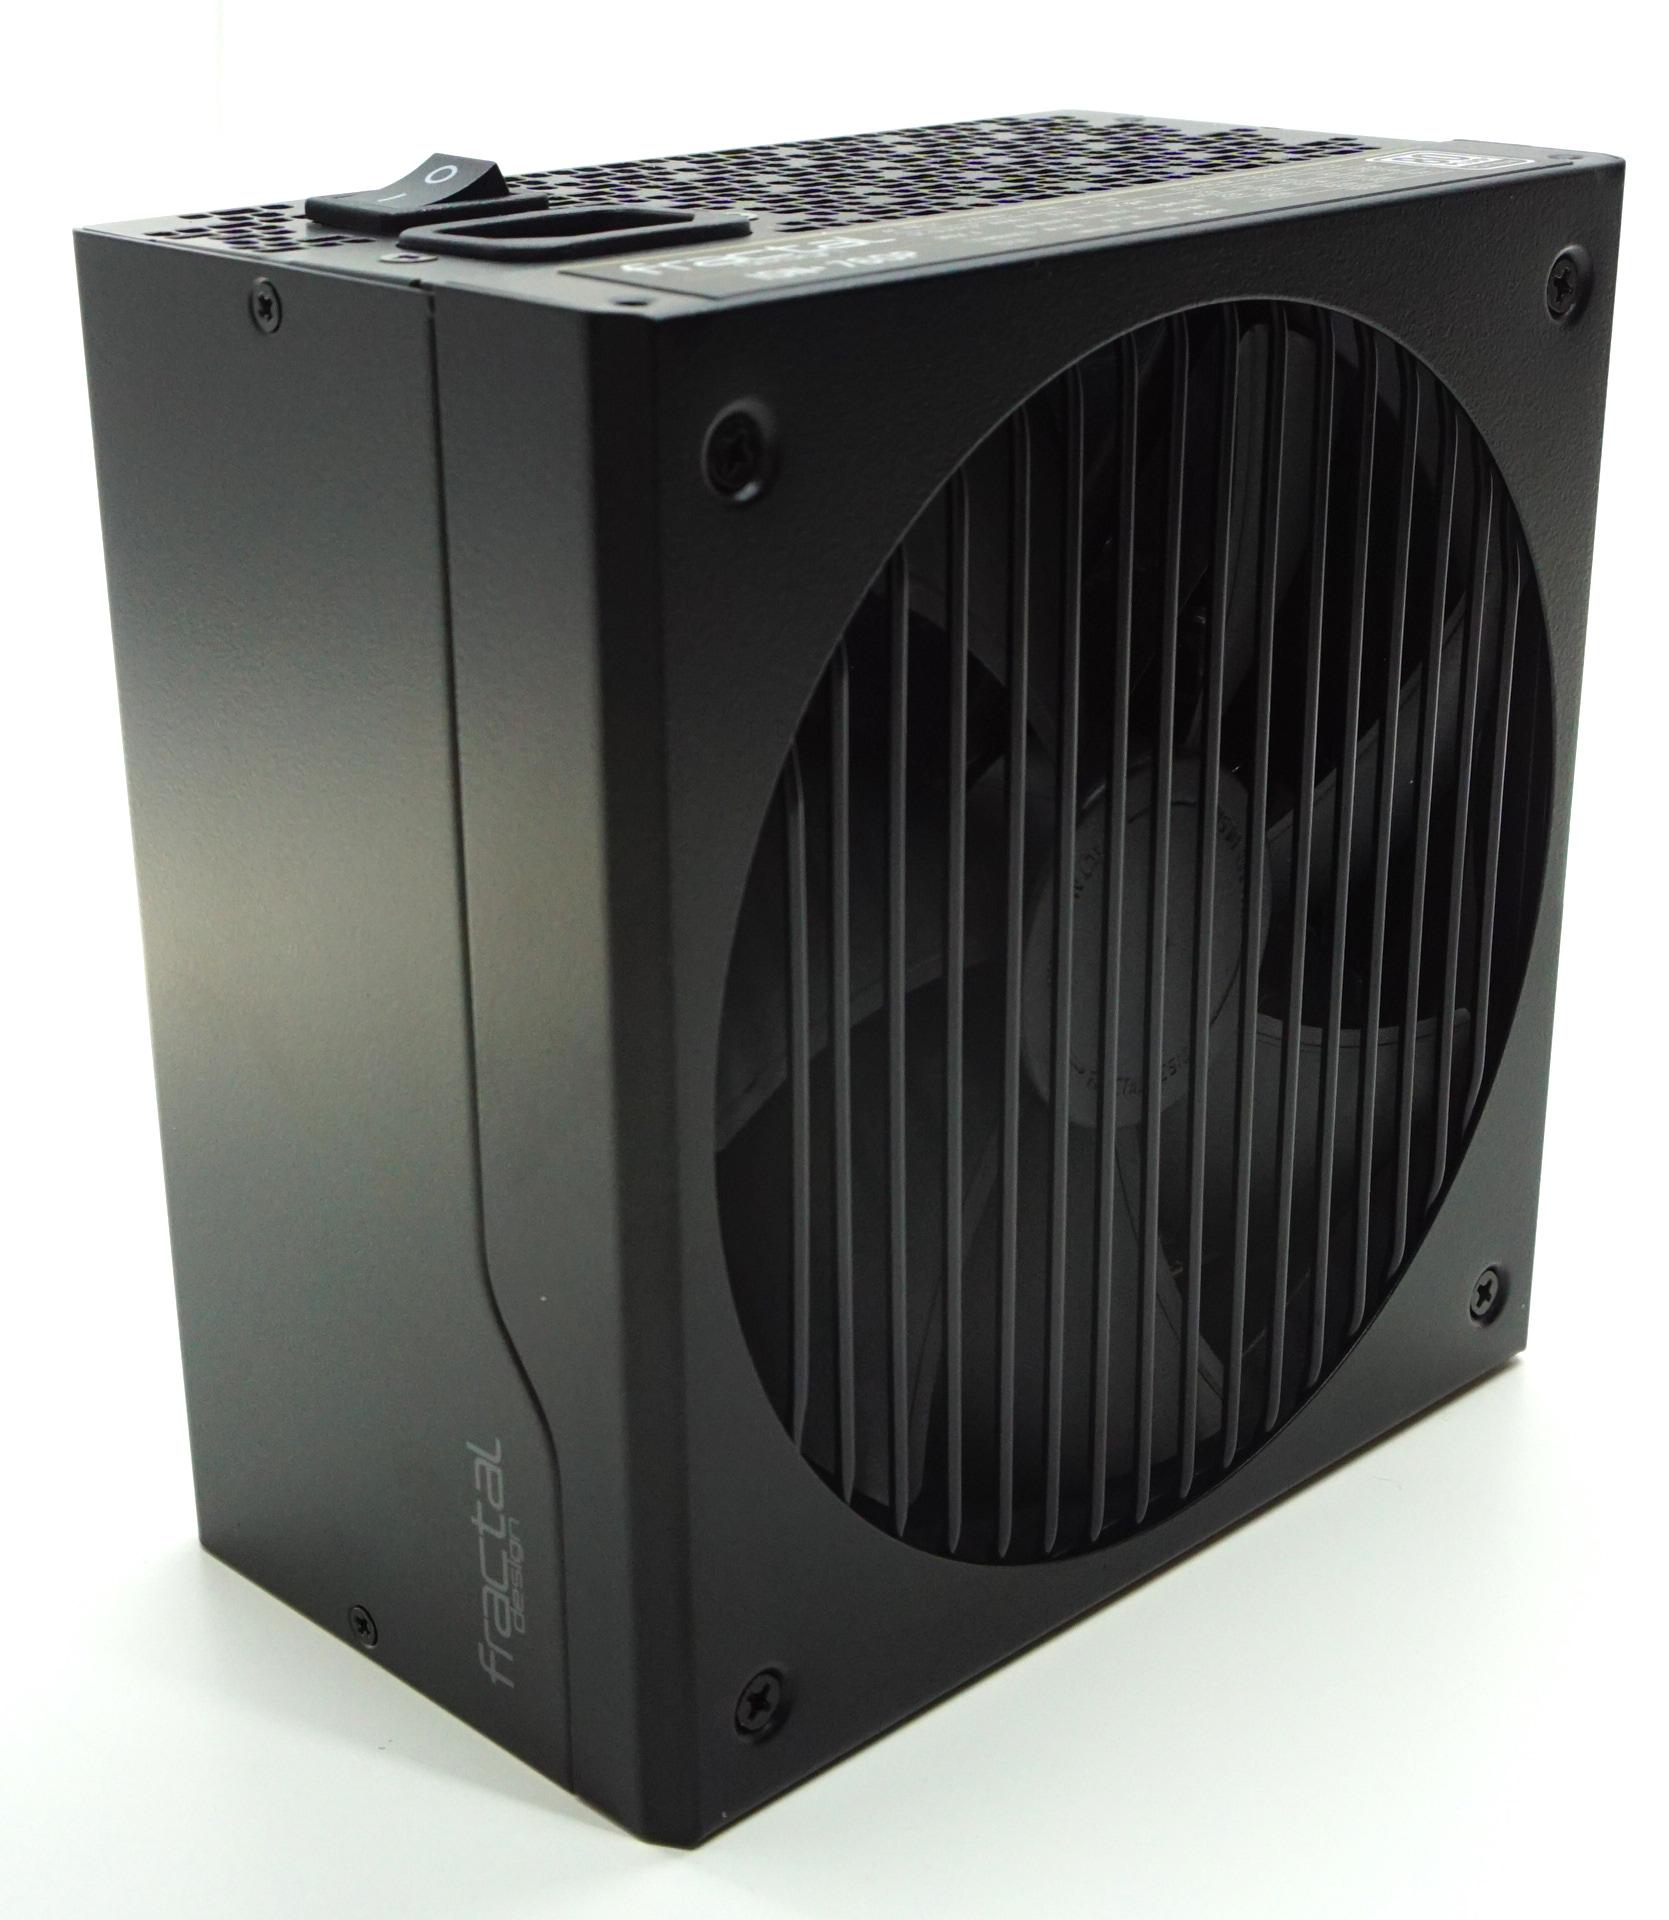 Final Words & Conclusion - The Fractal Design Ion+ 760P 80Plus